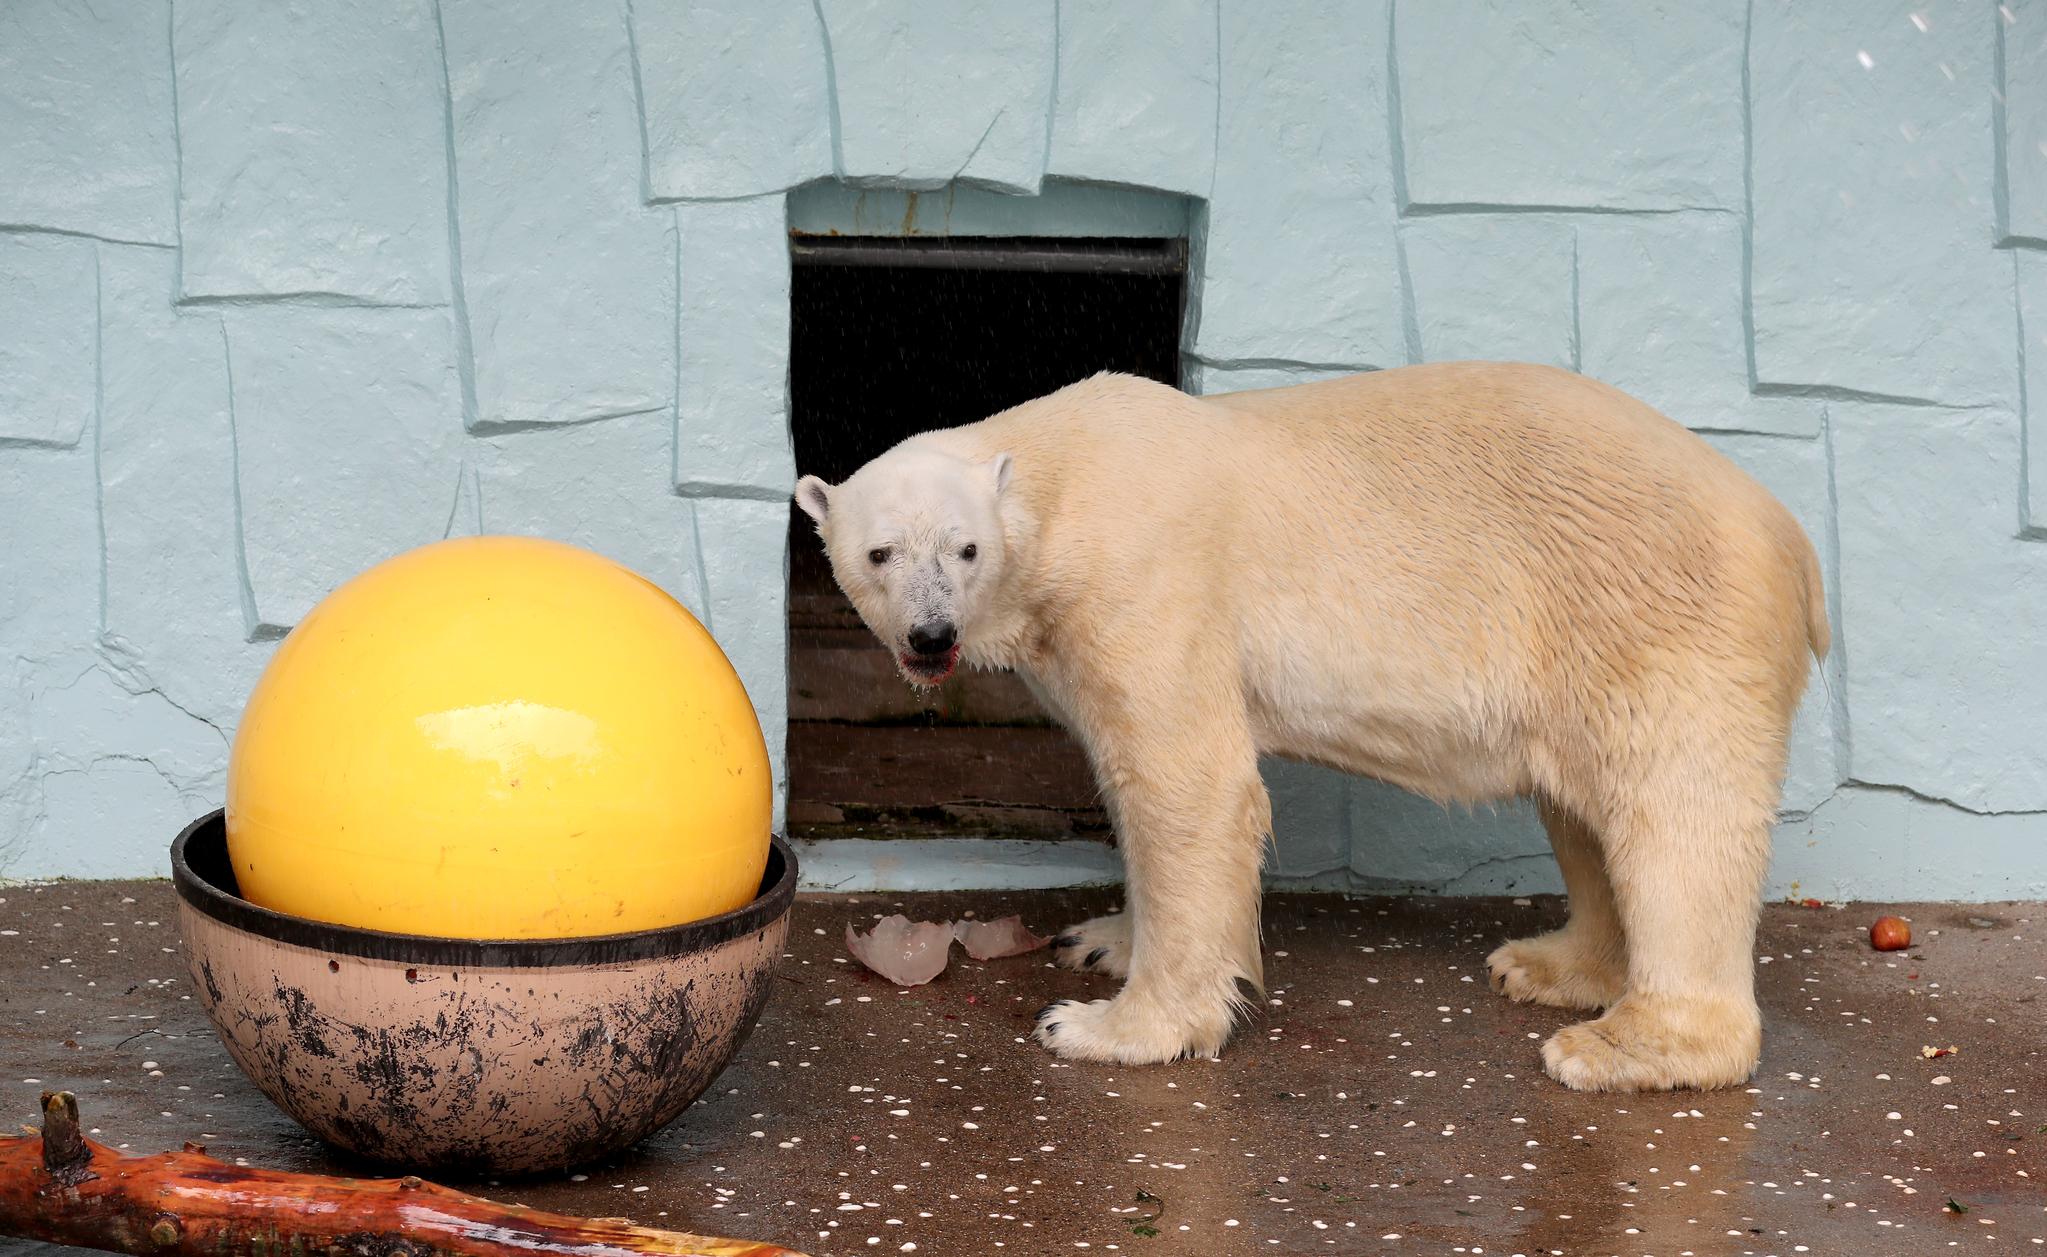 북극곰 통키가 지난 17일 숨졌다. 통키는 국내 남아있는 마지막 북극곰이다. 사진은 지난 6월 통키의 모습.최승식 기자